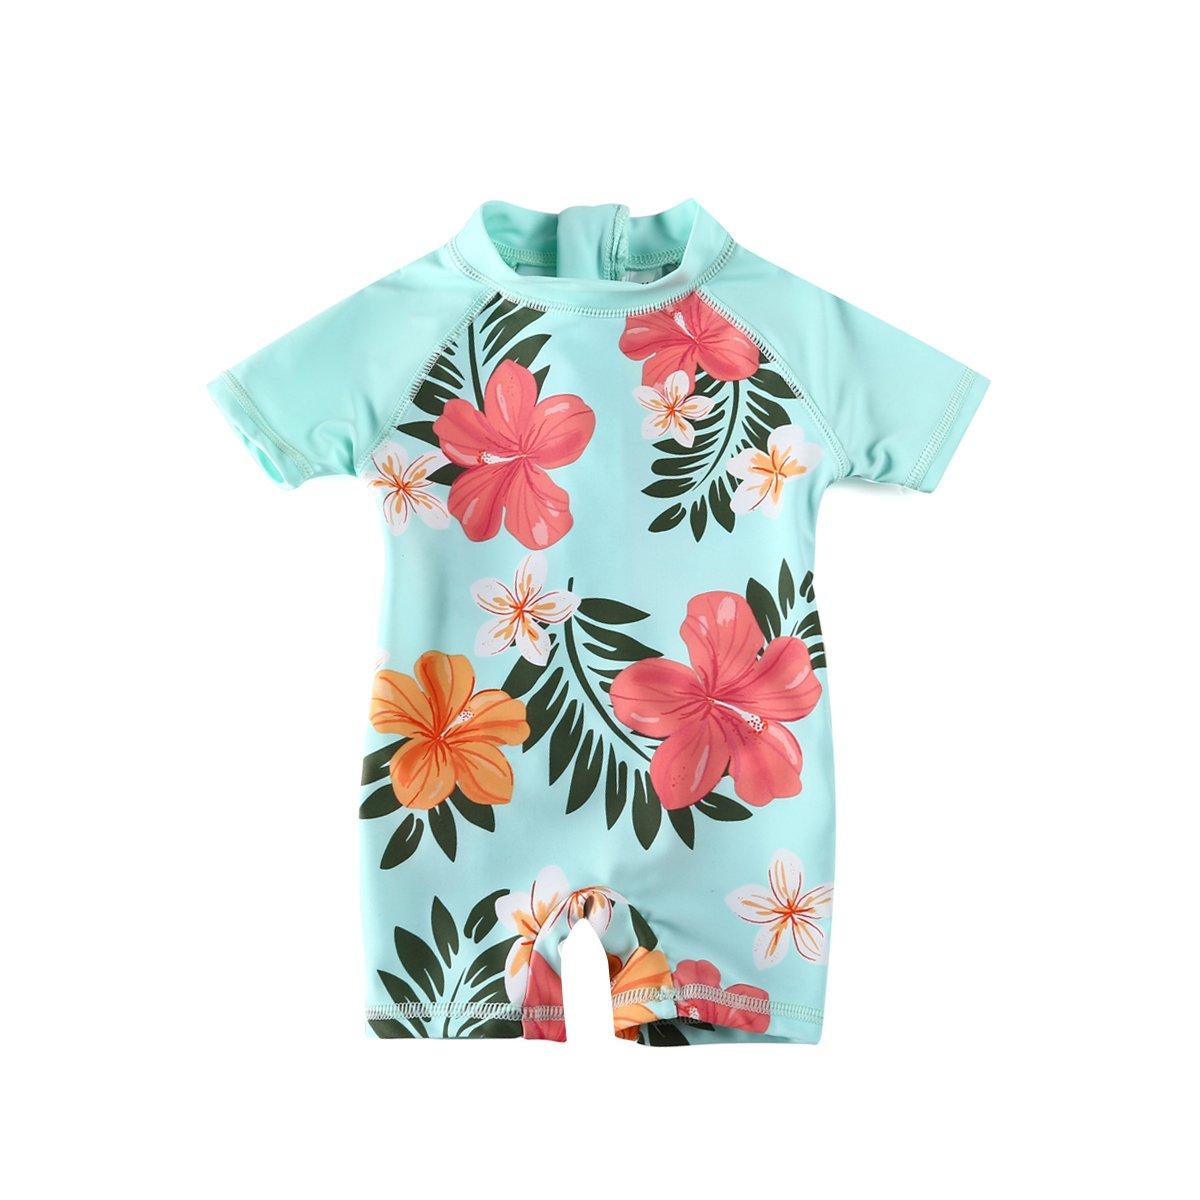 Swimwear Vivafun Baby Boy Girl Sun Protective Sunsuit Toddler UPF 50